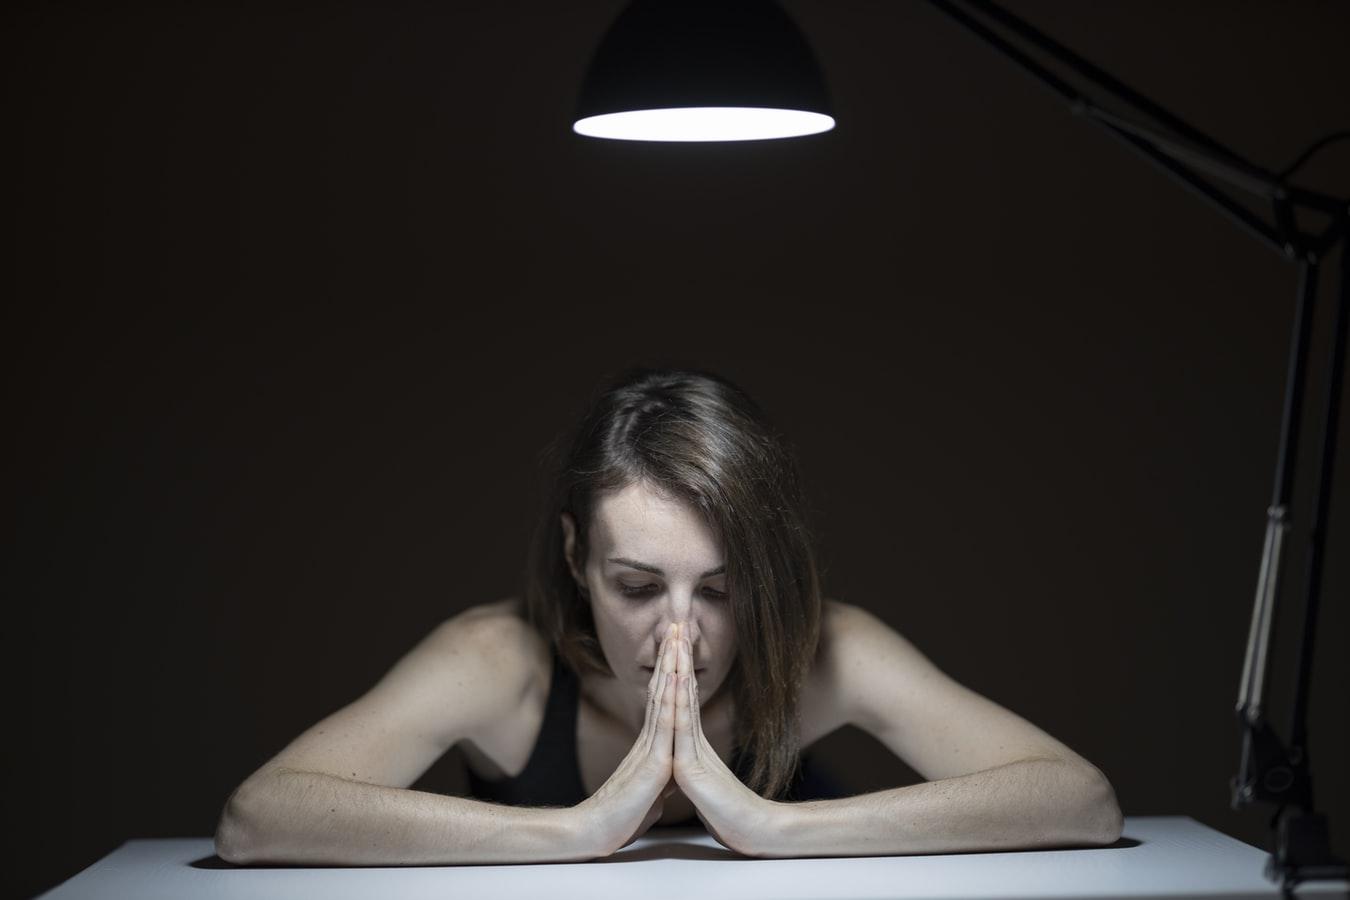 Πέντε λάθη που κάνουμε στις δύσκολες στιγμές και τρόποι αντιμετώπισης